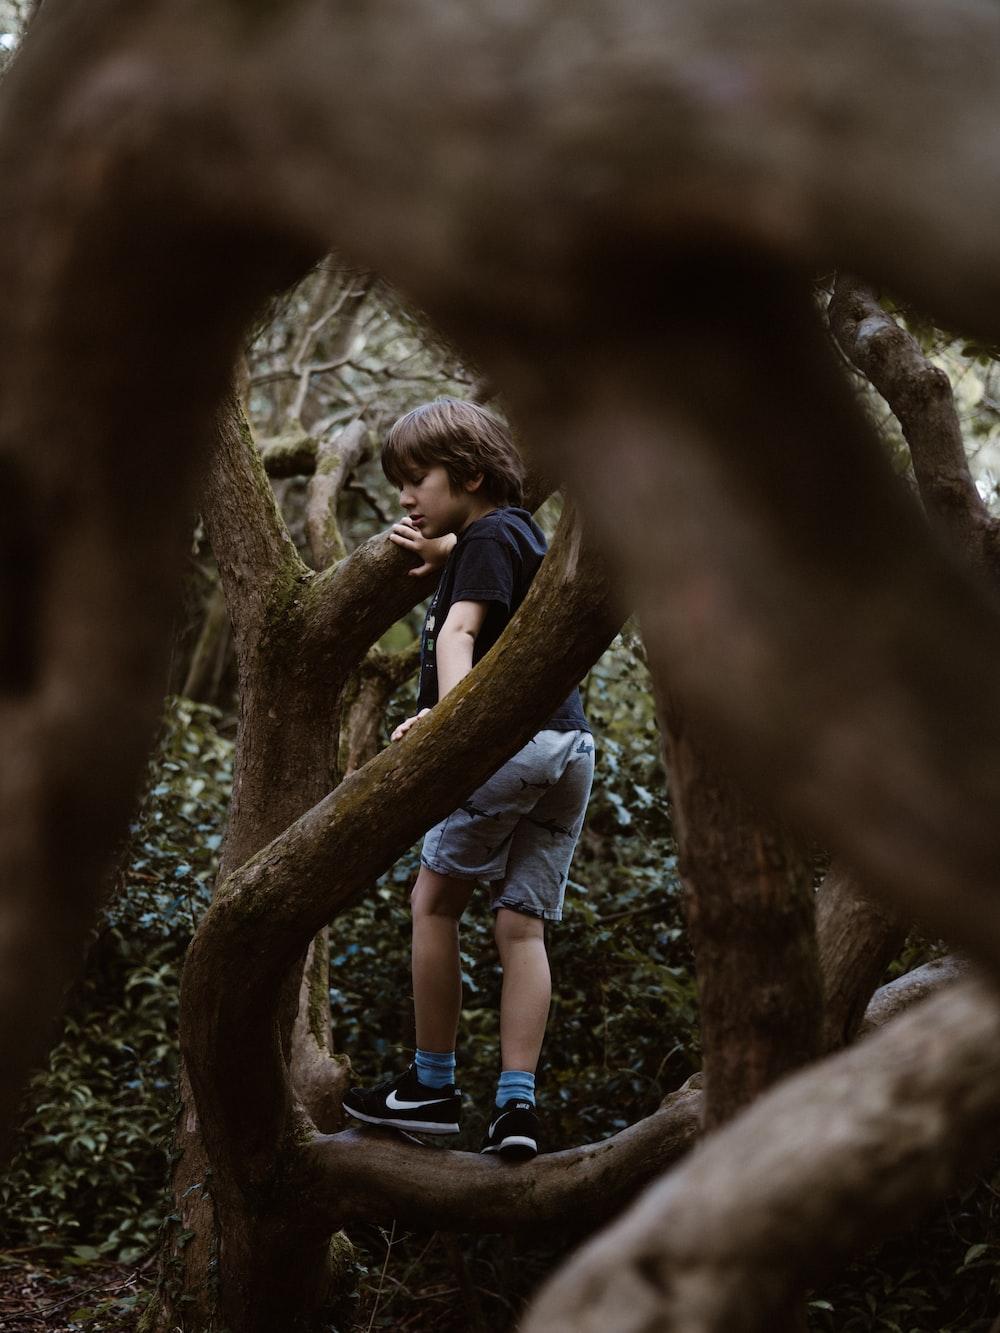 boy standing on tree branch